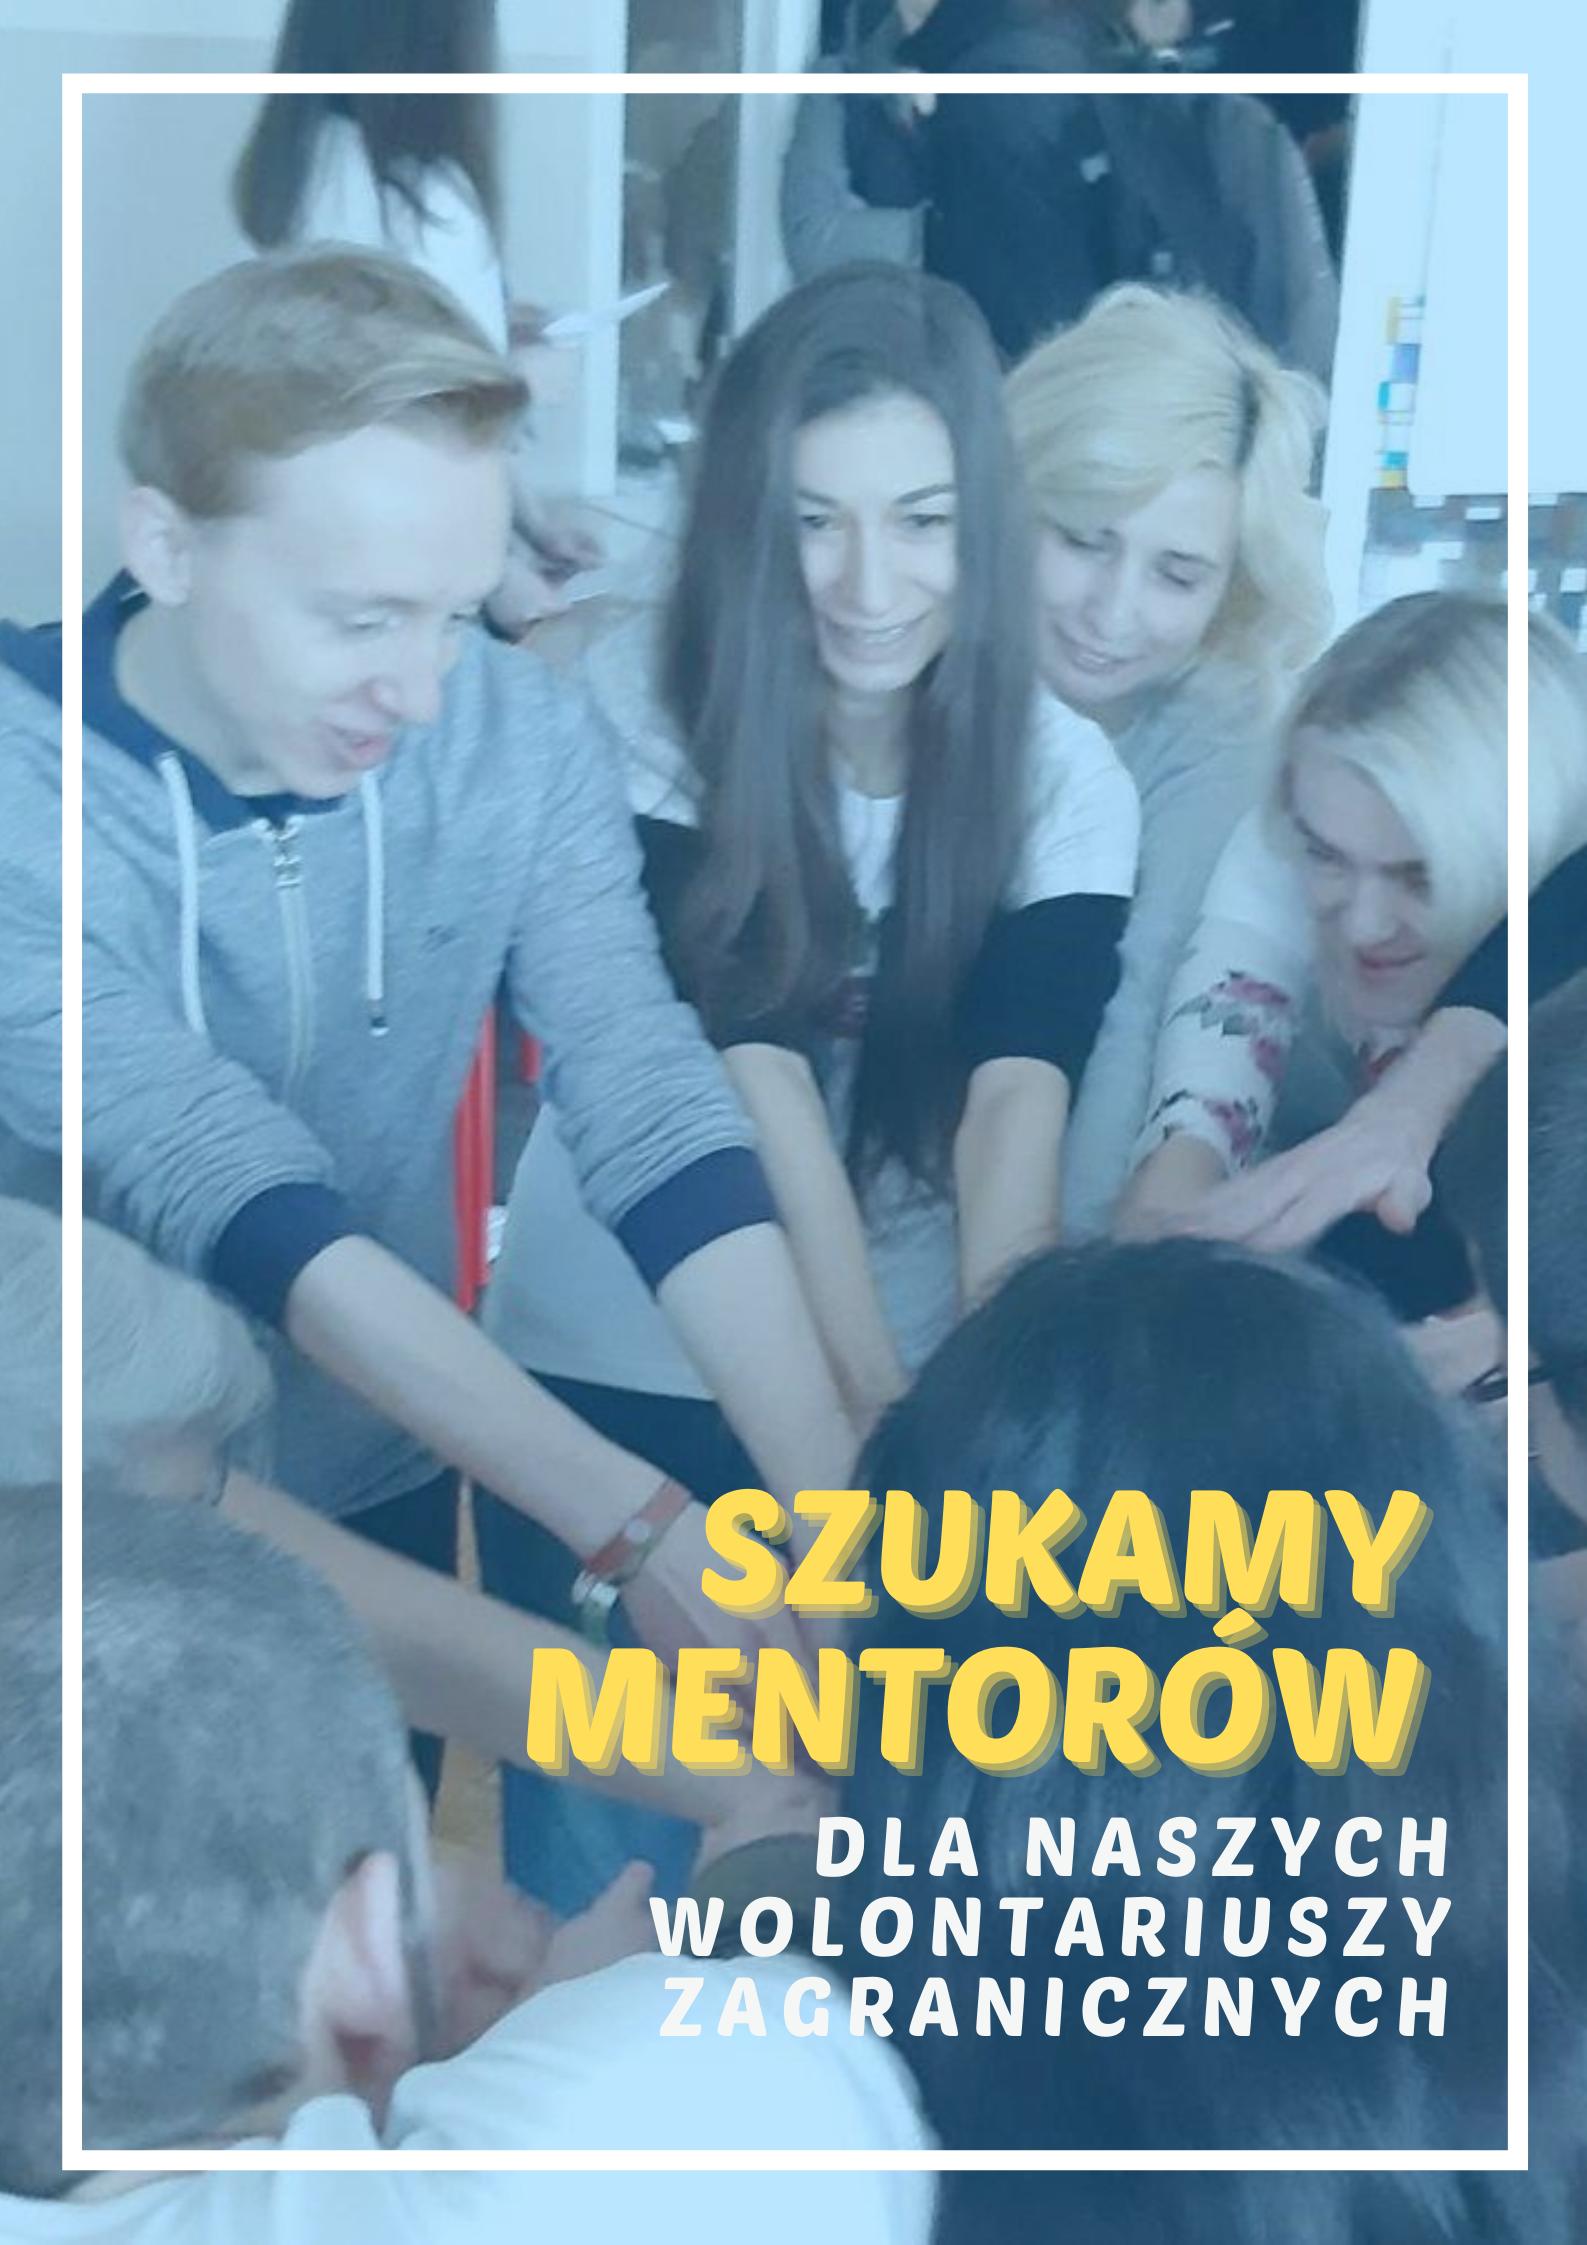 Zostań mentorem/mentorką naszych wolontariuszy europejskich!